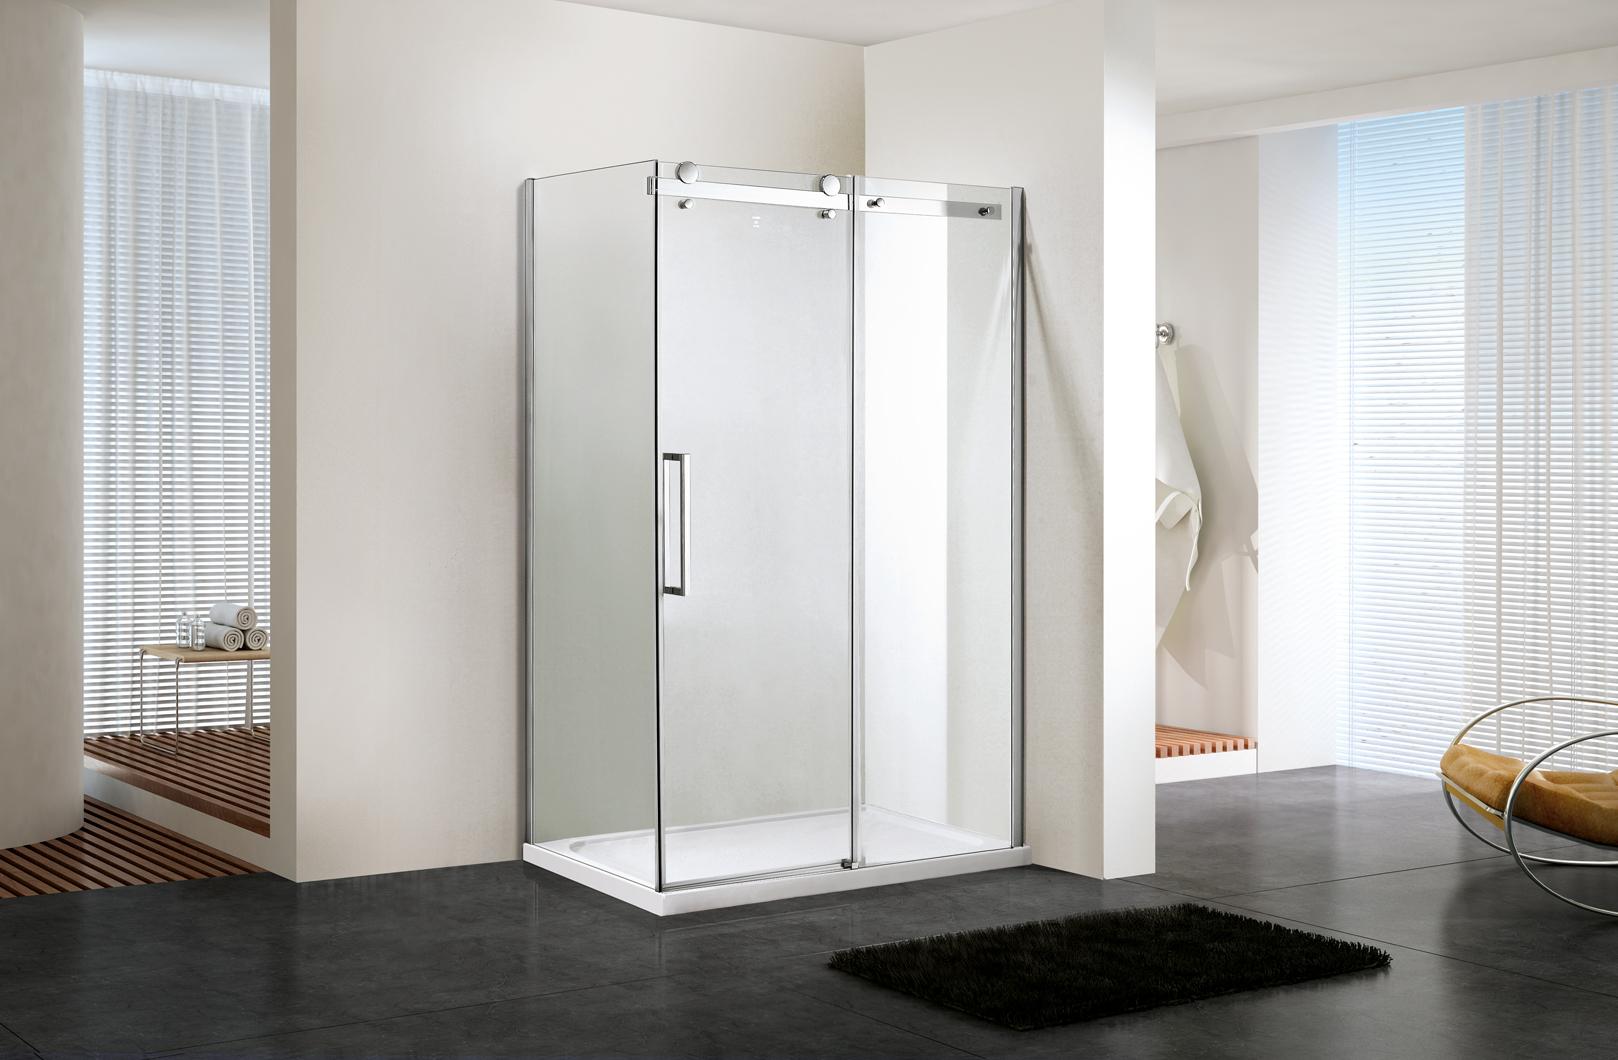 Tips To Choose Best Glass Shower Door For Your Bathroom